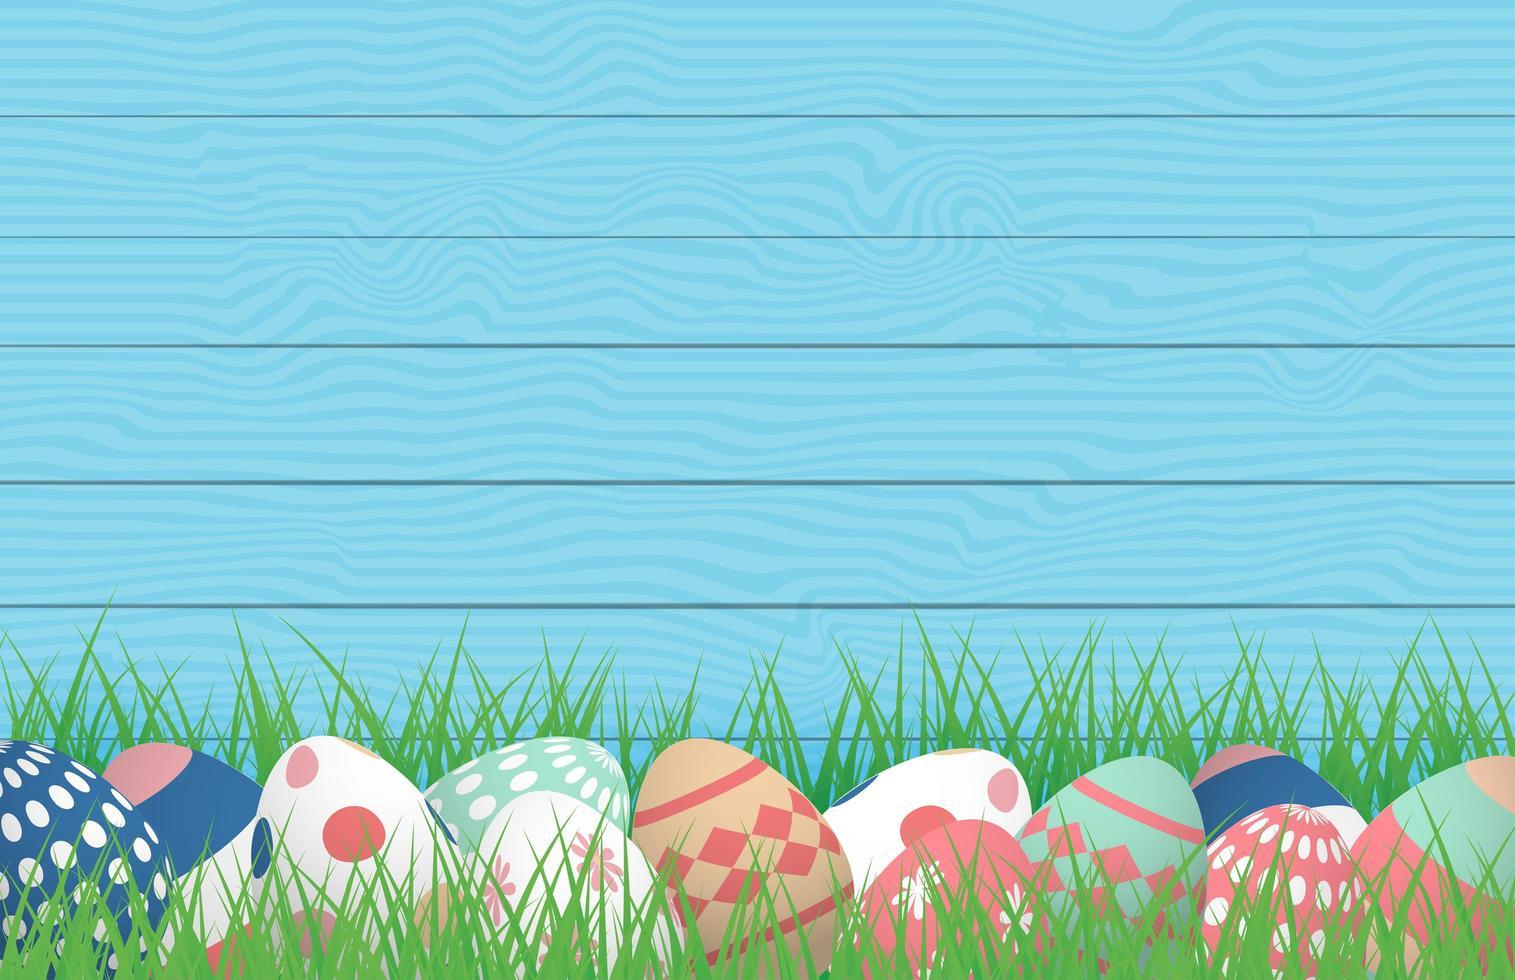 affiche de Pâques avec des oeufs dans l'herbe contre le bois vecteur